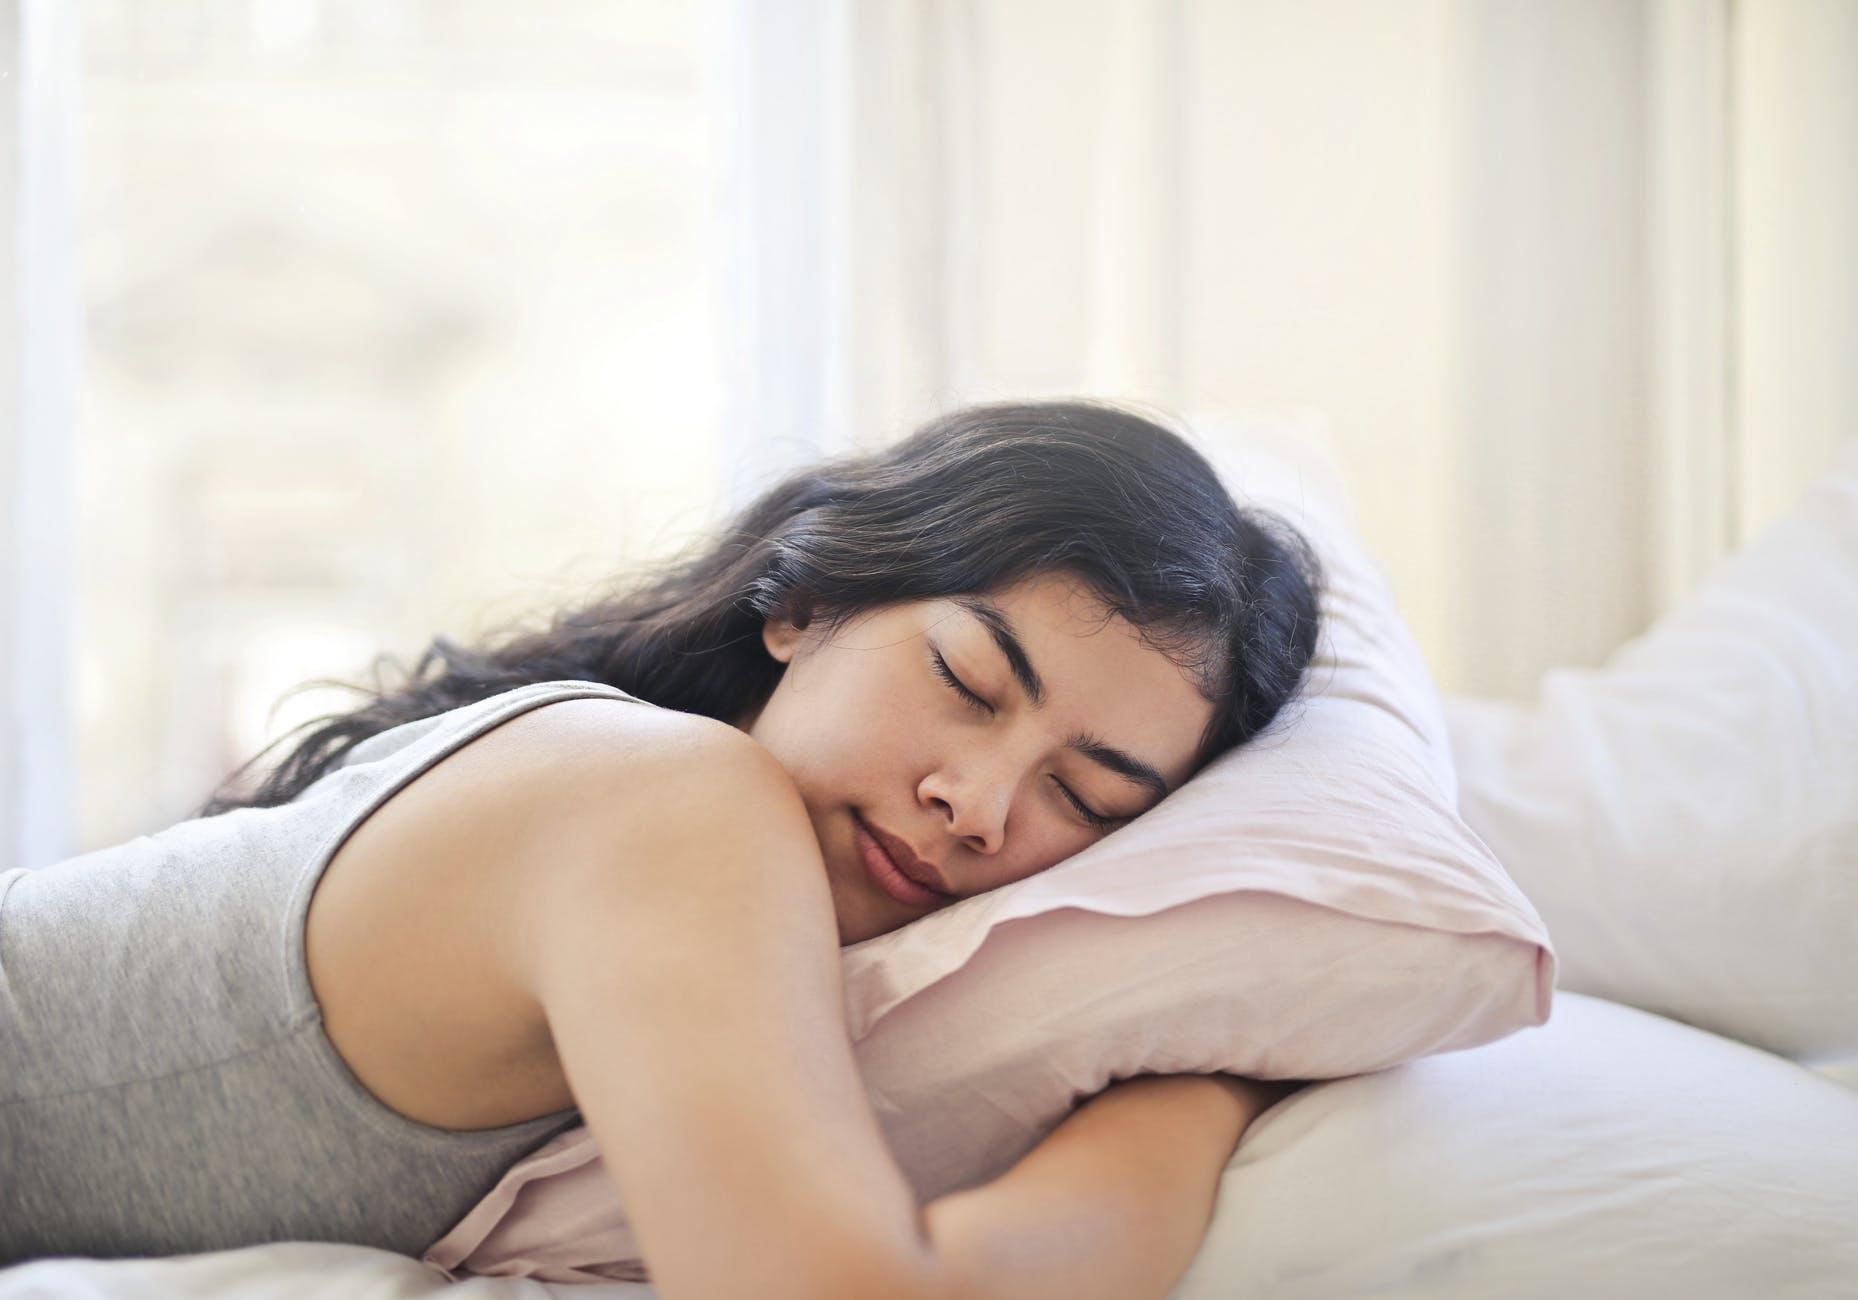 Как получить духовное послание во сне от своего ангела-хранителя? Инструкция от эксперта